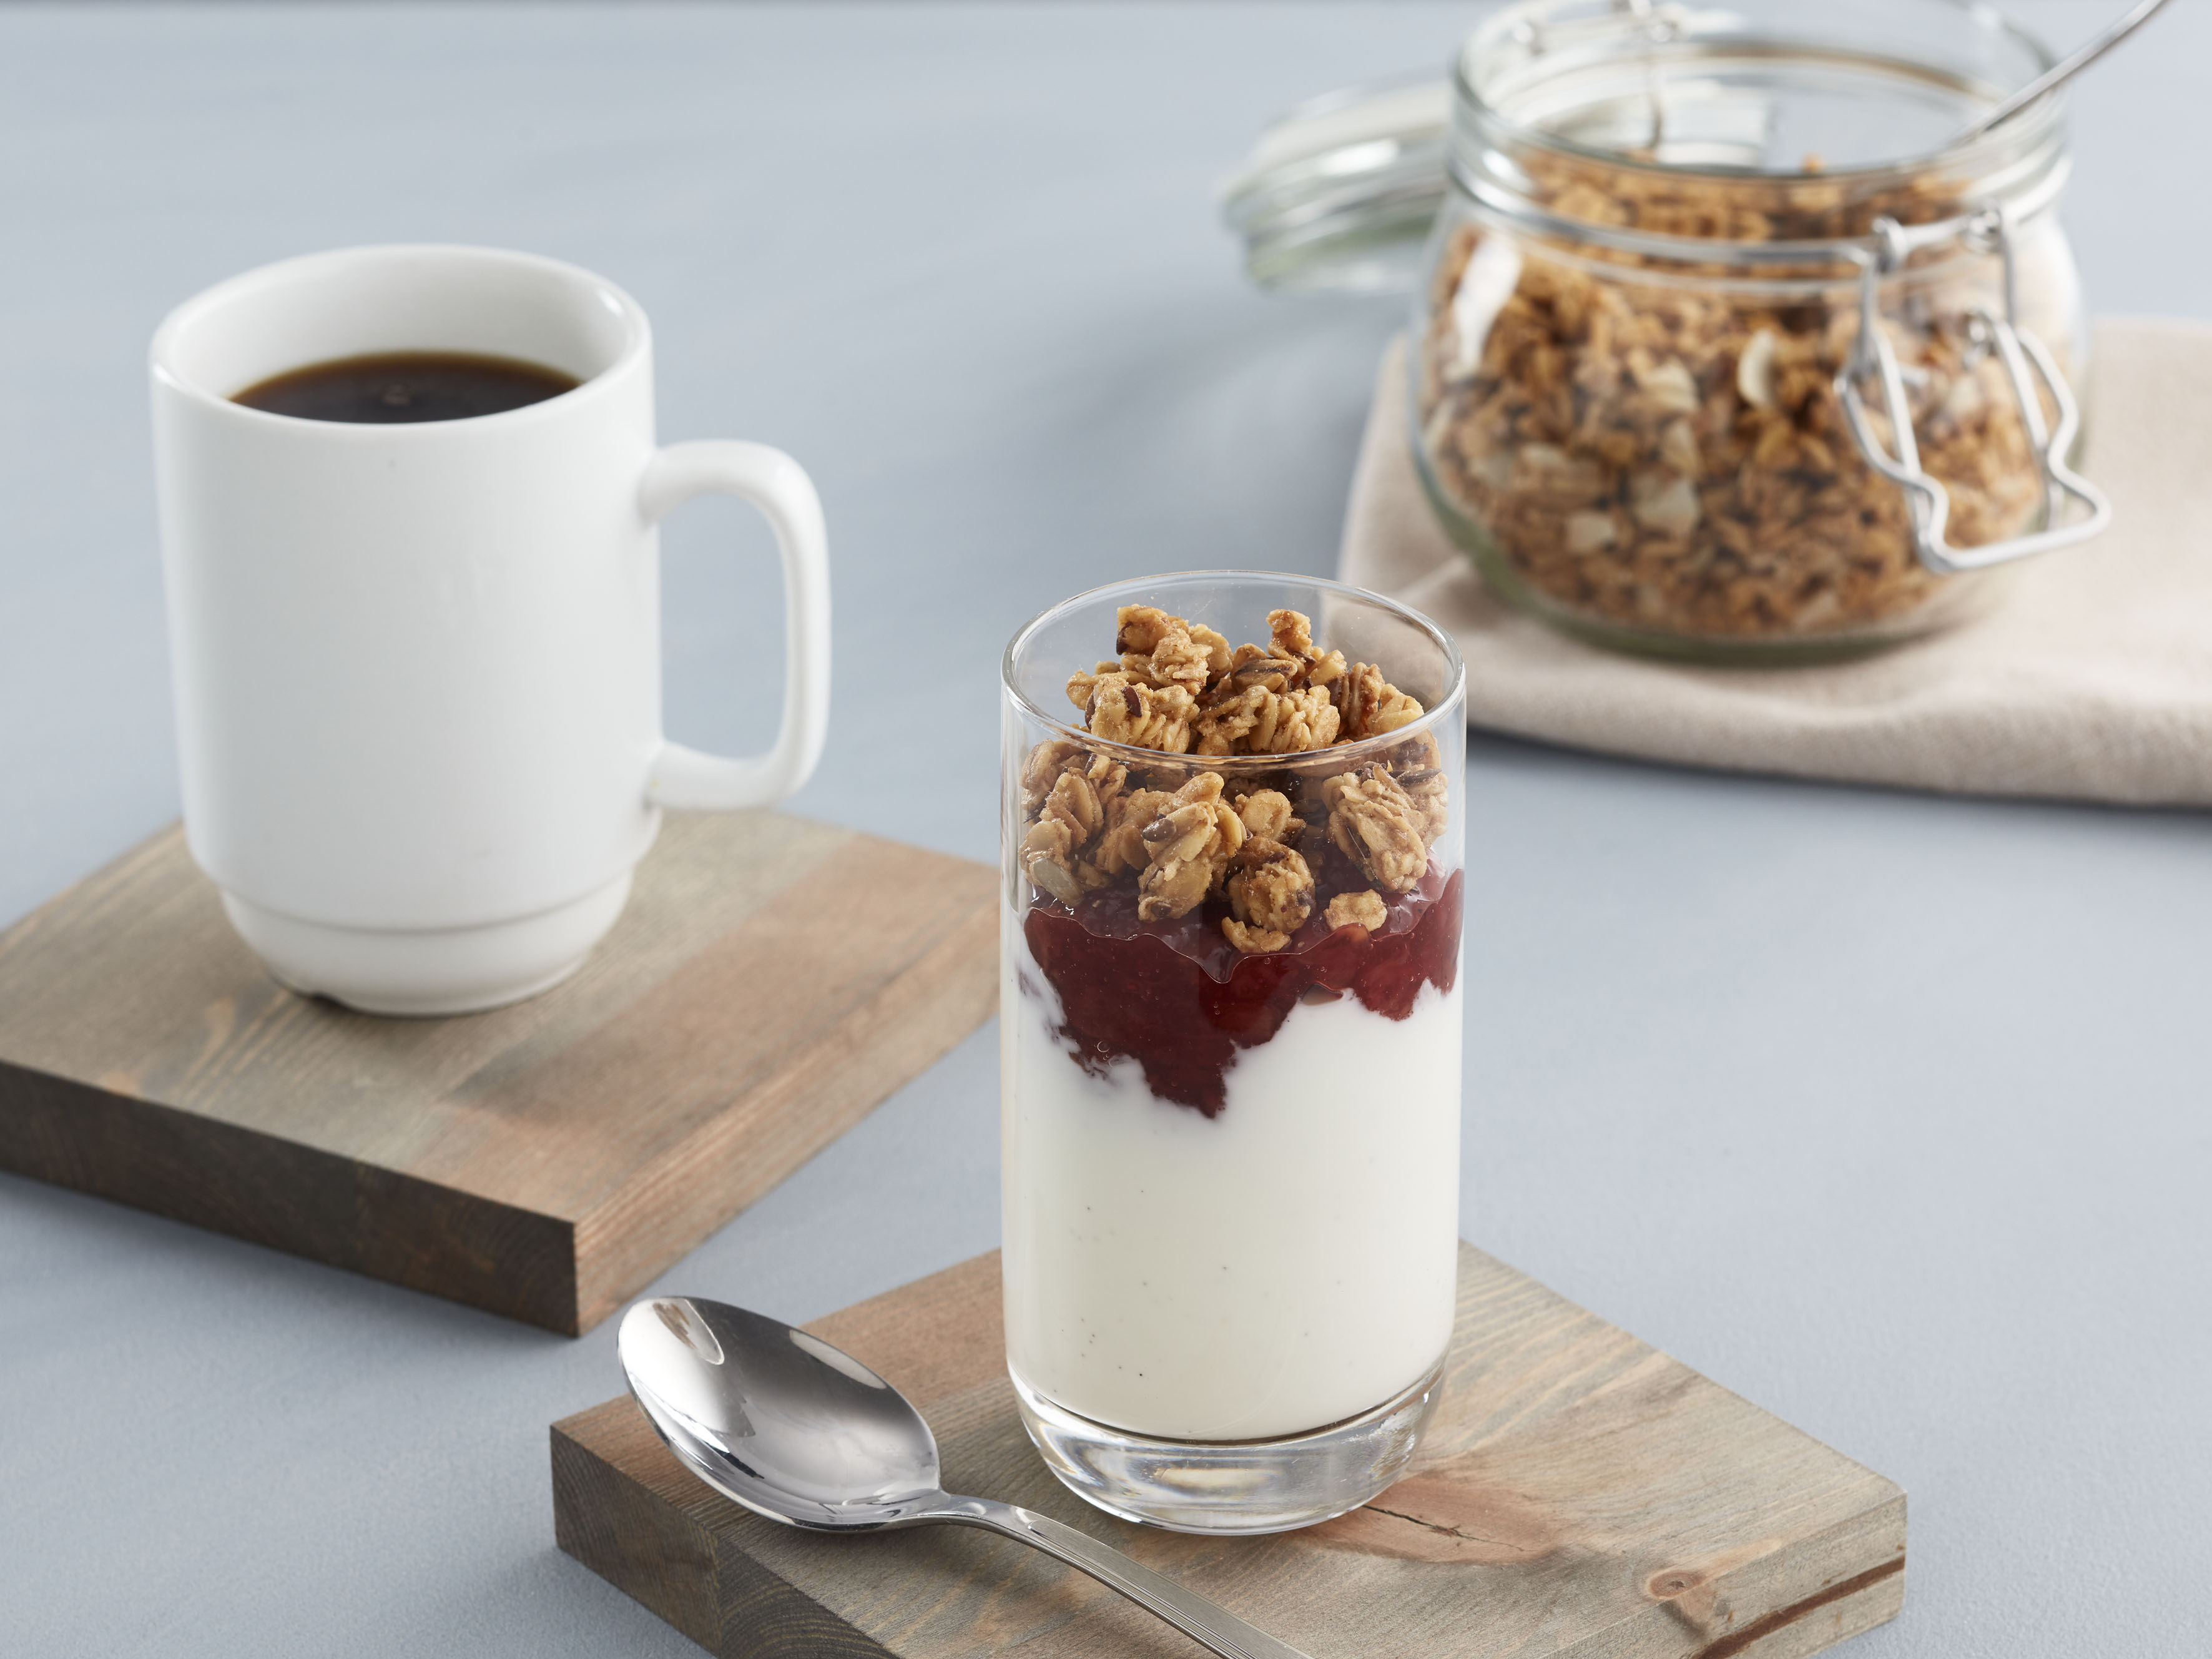 0482 frokostpakke 1 vanilje yoghurt musli kaffe.jpg